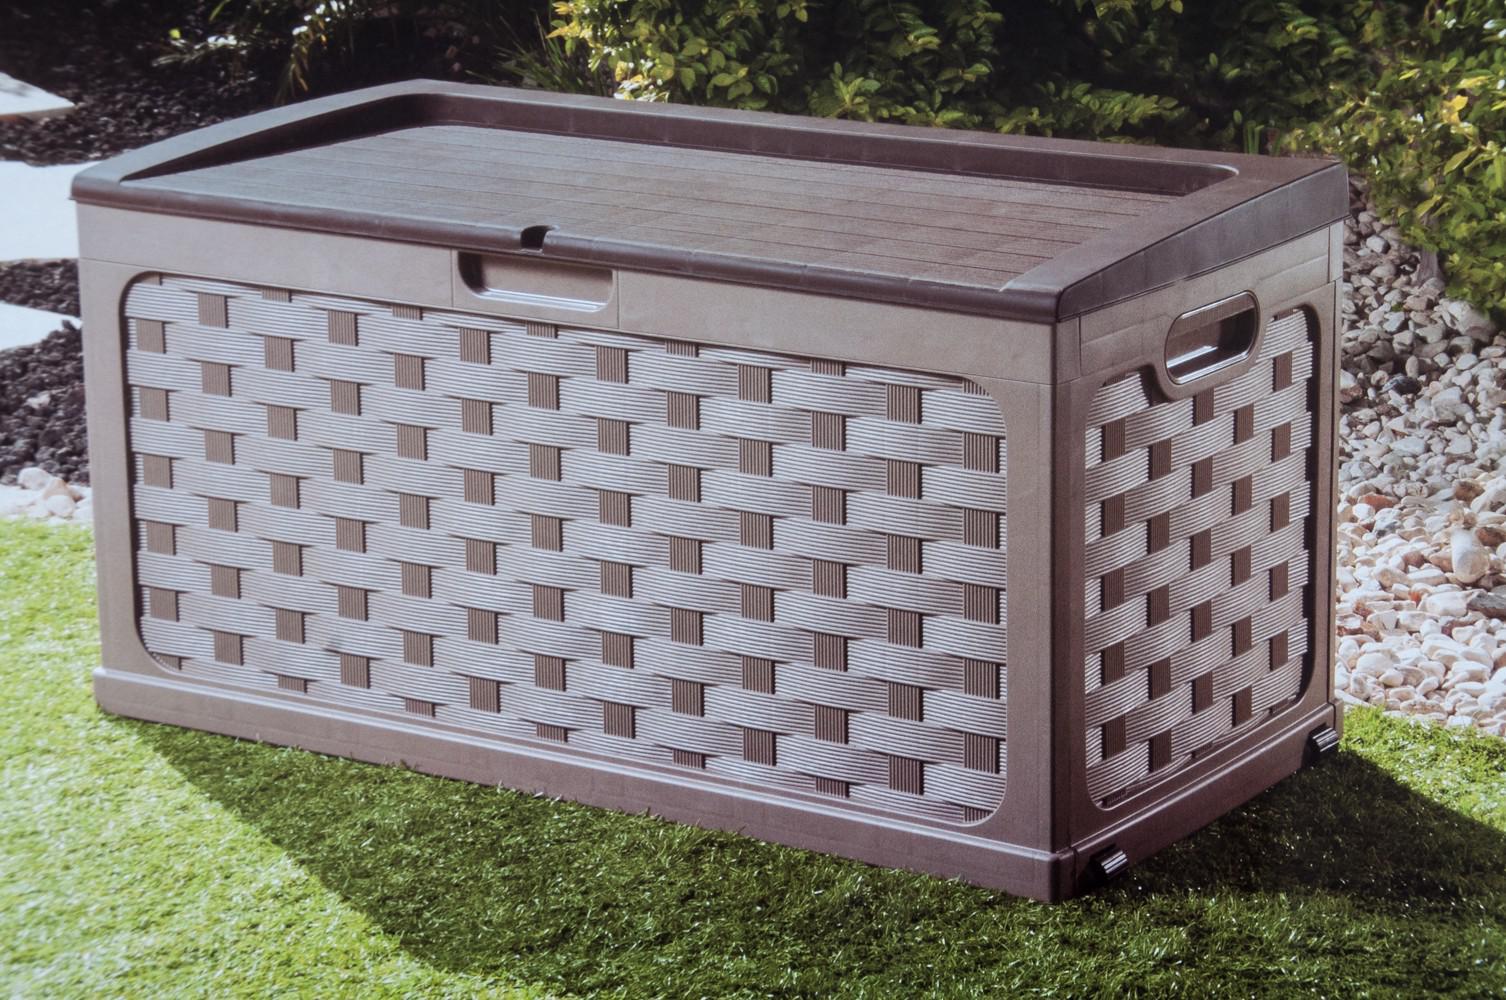 starplast kissenbox rattanoptik auflagenbox gartenbox gartentruhe gartenm bel kaufen bei www. Black Bedroom Furniture Sets. Home Design Ideas